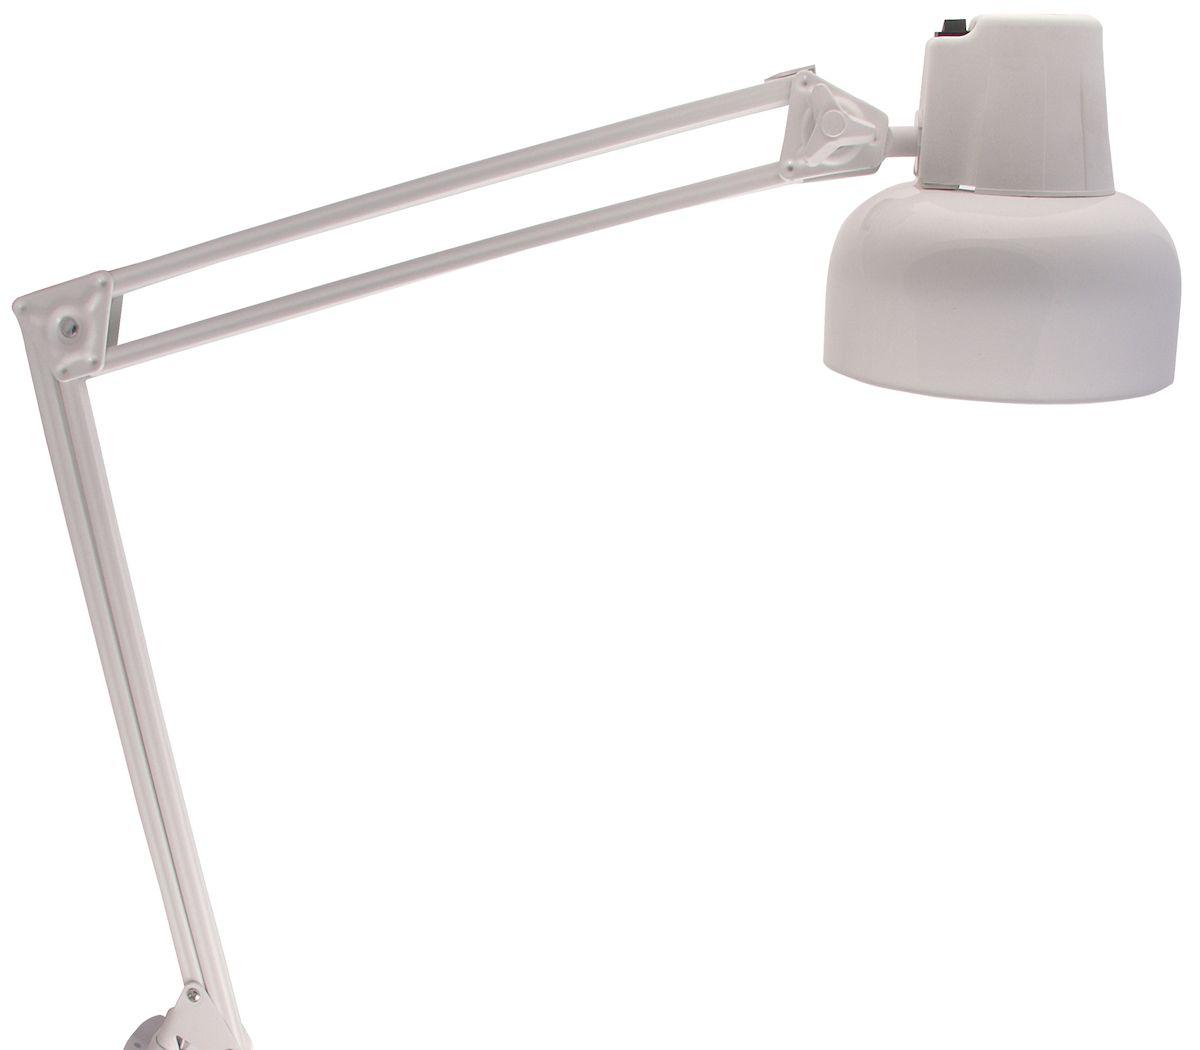 Светильник рассчитан на лампы накаливания с цоколем Е27 (лампа в комплект не входит). Многозвенная шарнирная конструкция плафона позволяет установить его в удобное для пользователя положение. Выключатель расположен на плафоне светильника. Осветительный прибор предназначен для закрытых сухих помещений - жилых квартир, офисов, производственных мастерских. Фиксацию обеспечивает металлическая струбцина, которая крепится к любому краю стола или стеллажа.